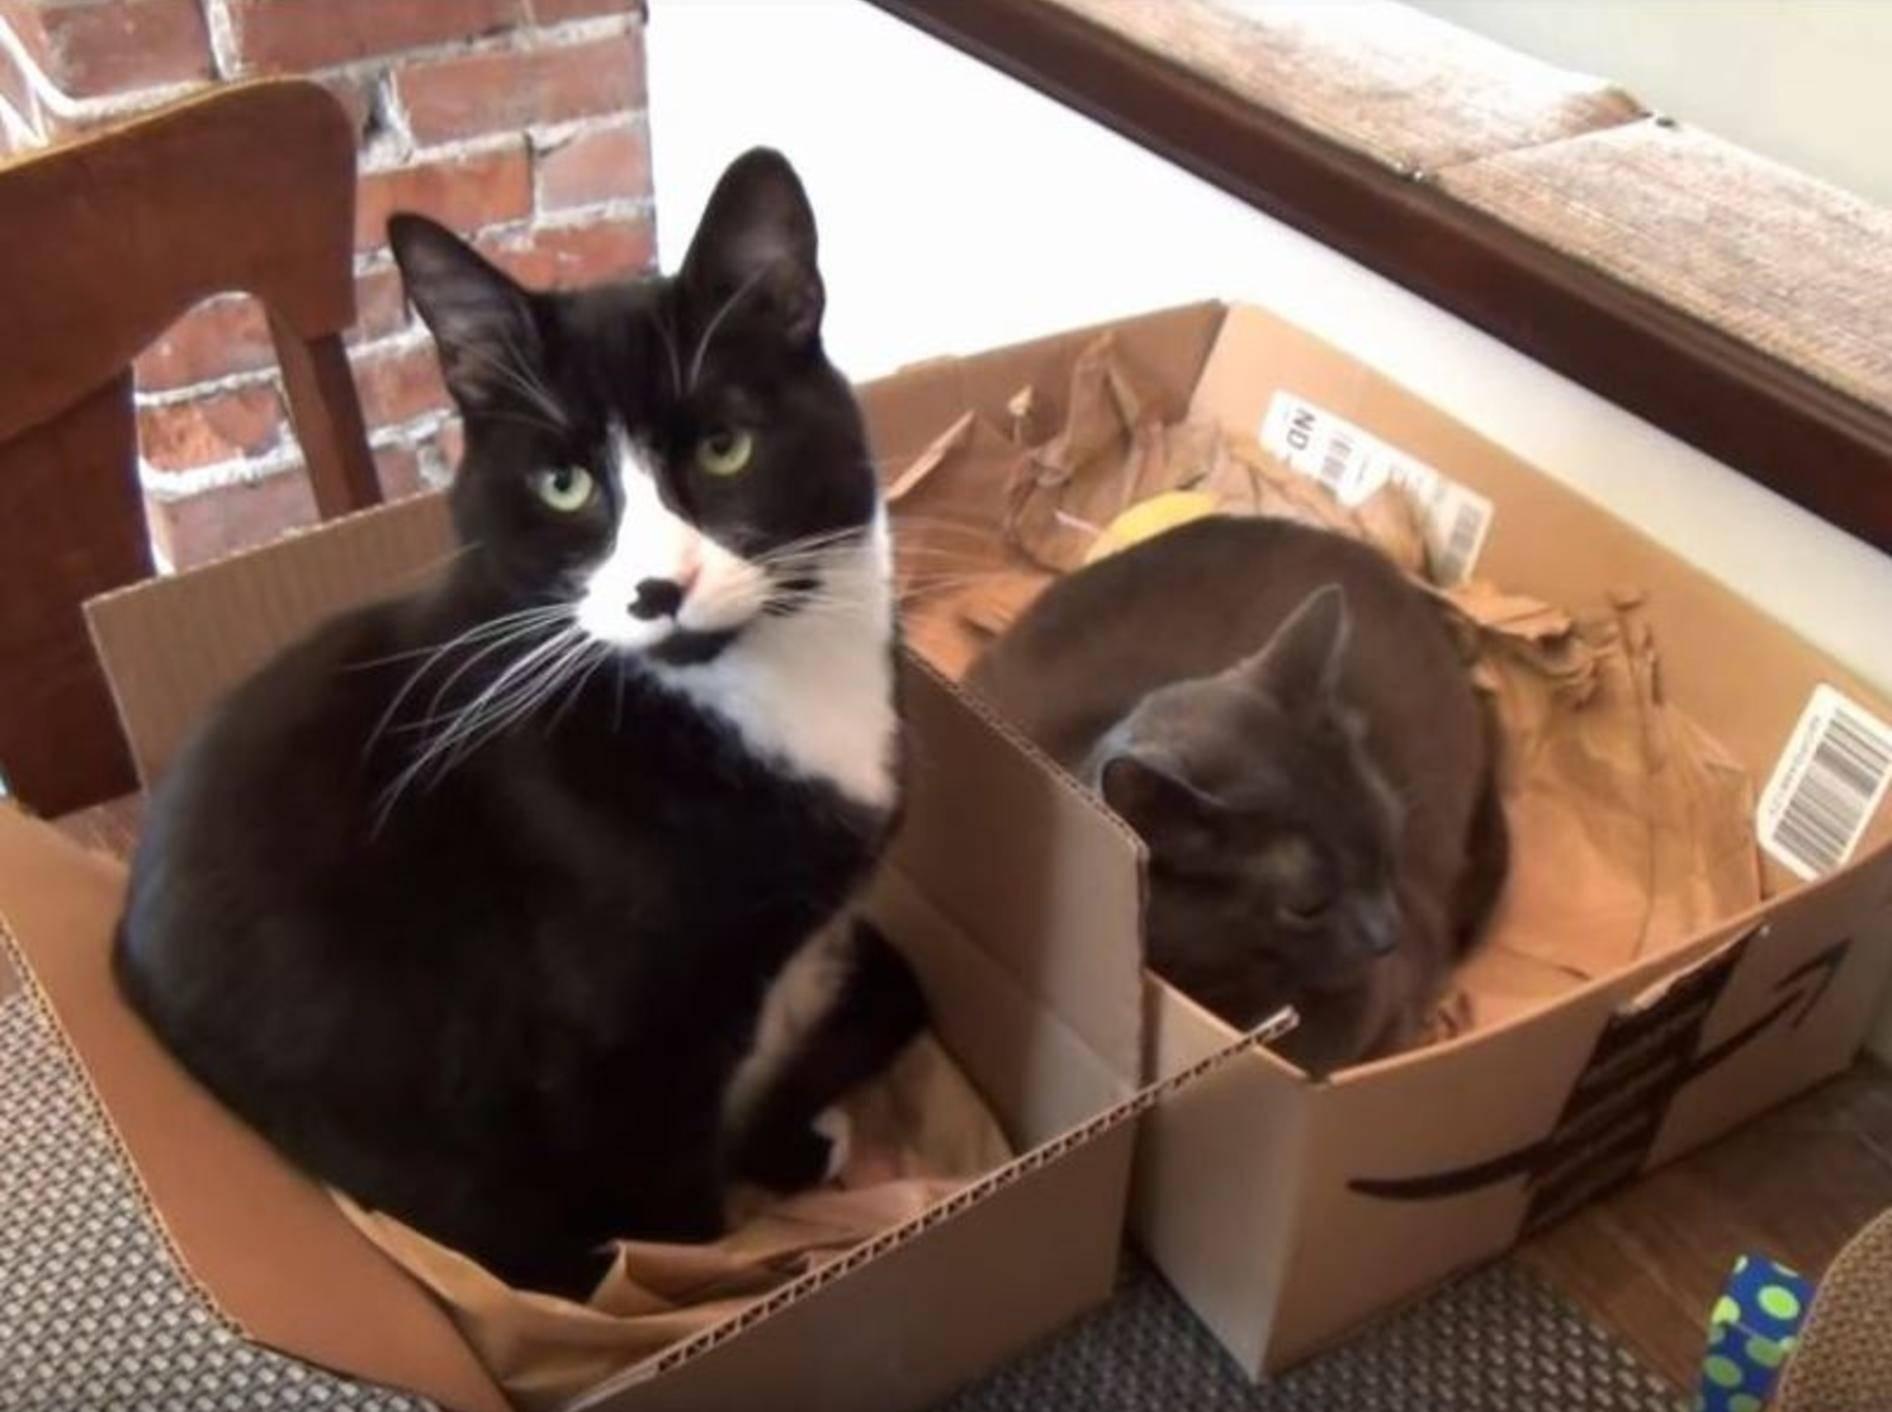 Katzen und Kartons: Eine Liebesgeschichte – YouTube / The Kits Cats